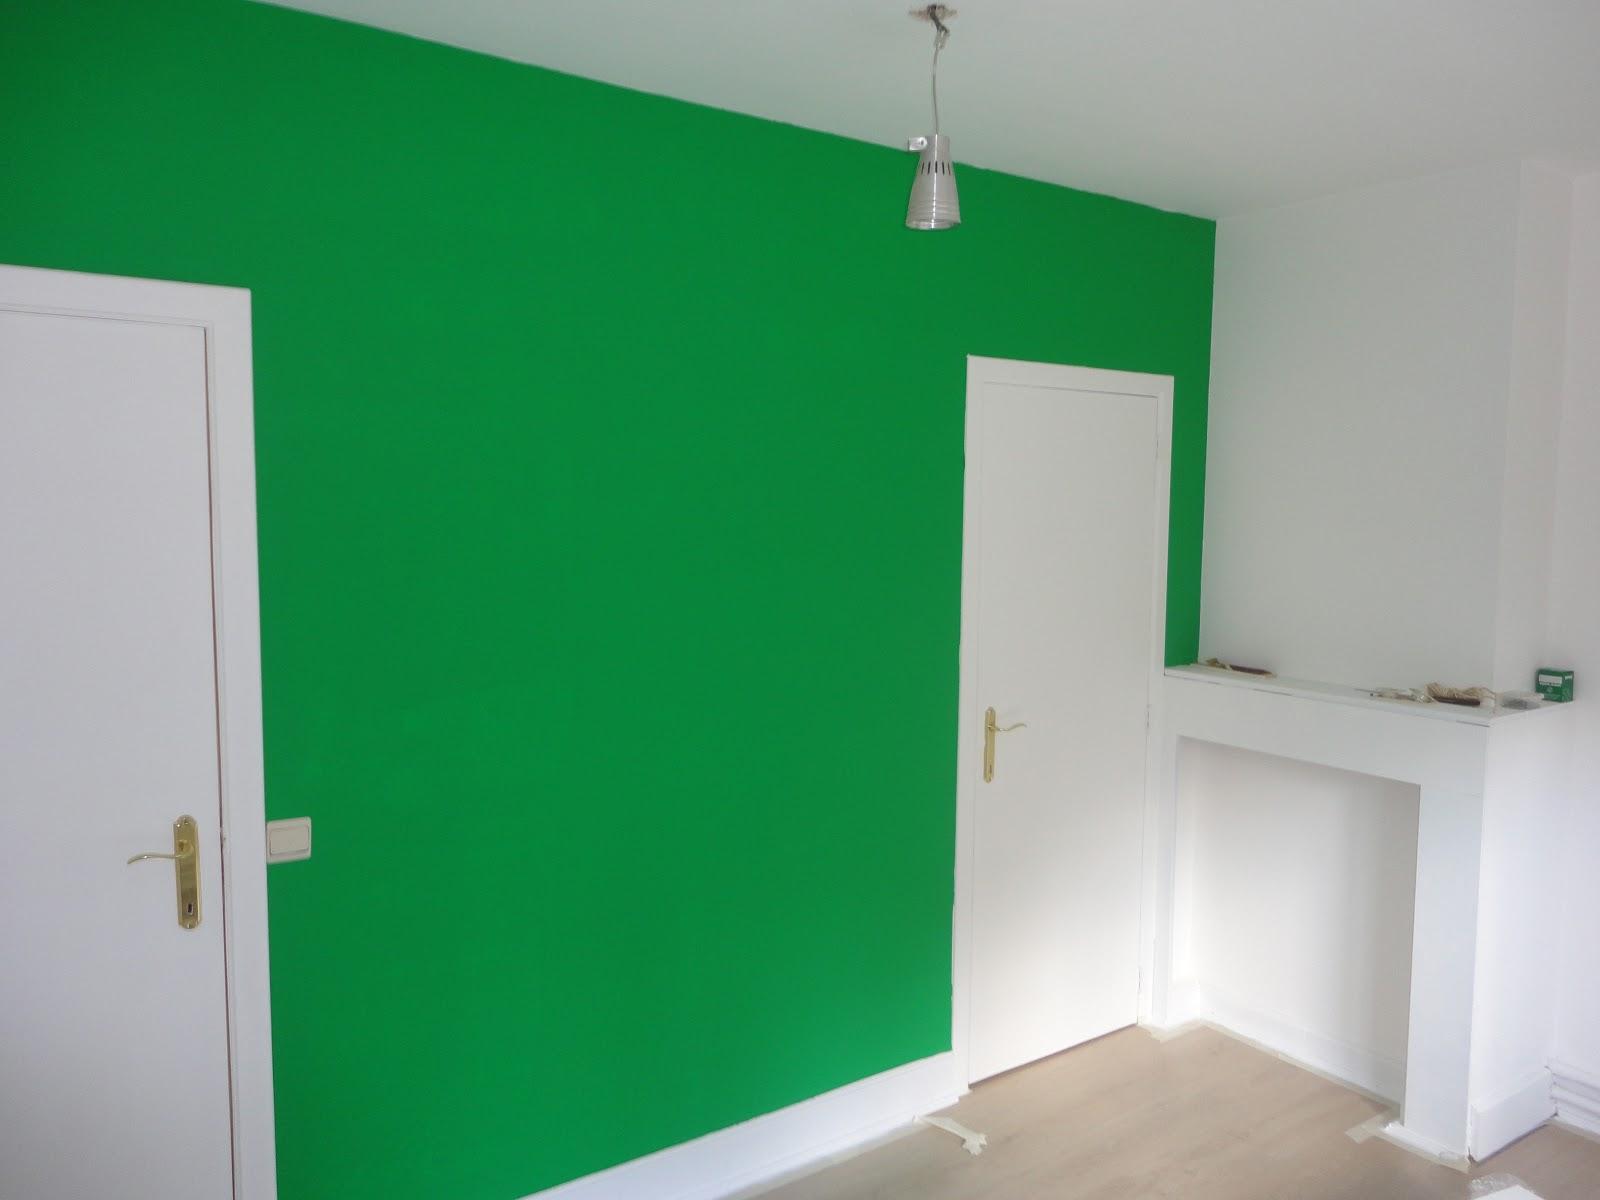 Kinderkamer Roze Groen : Weer en wind: Verbouwingen. The Sequel ...